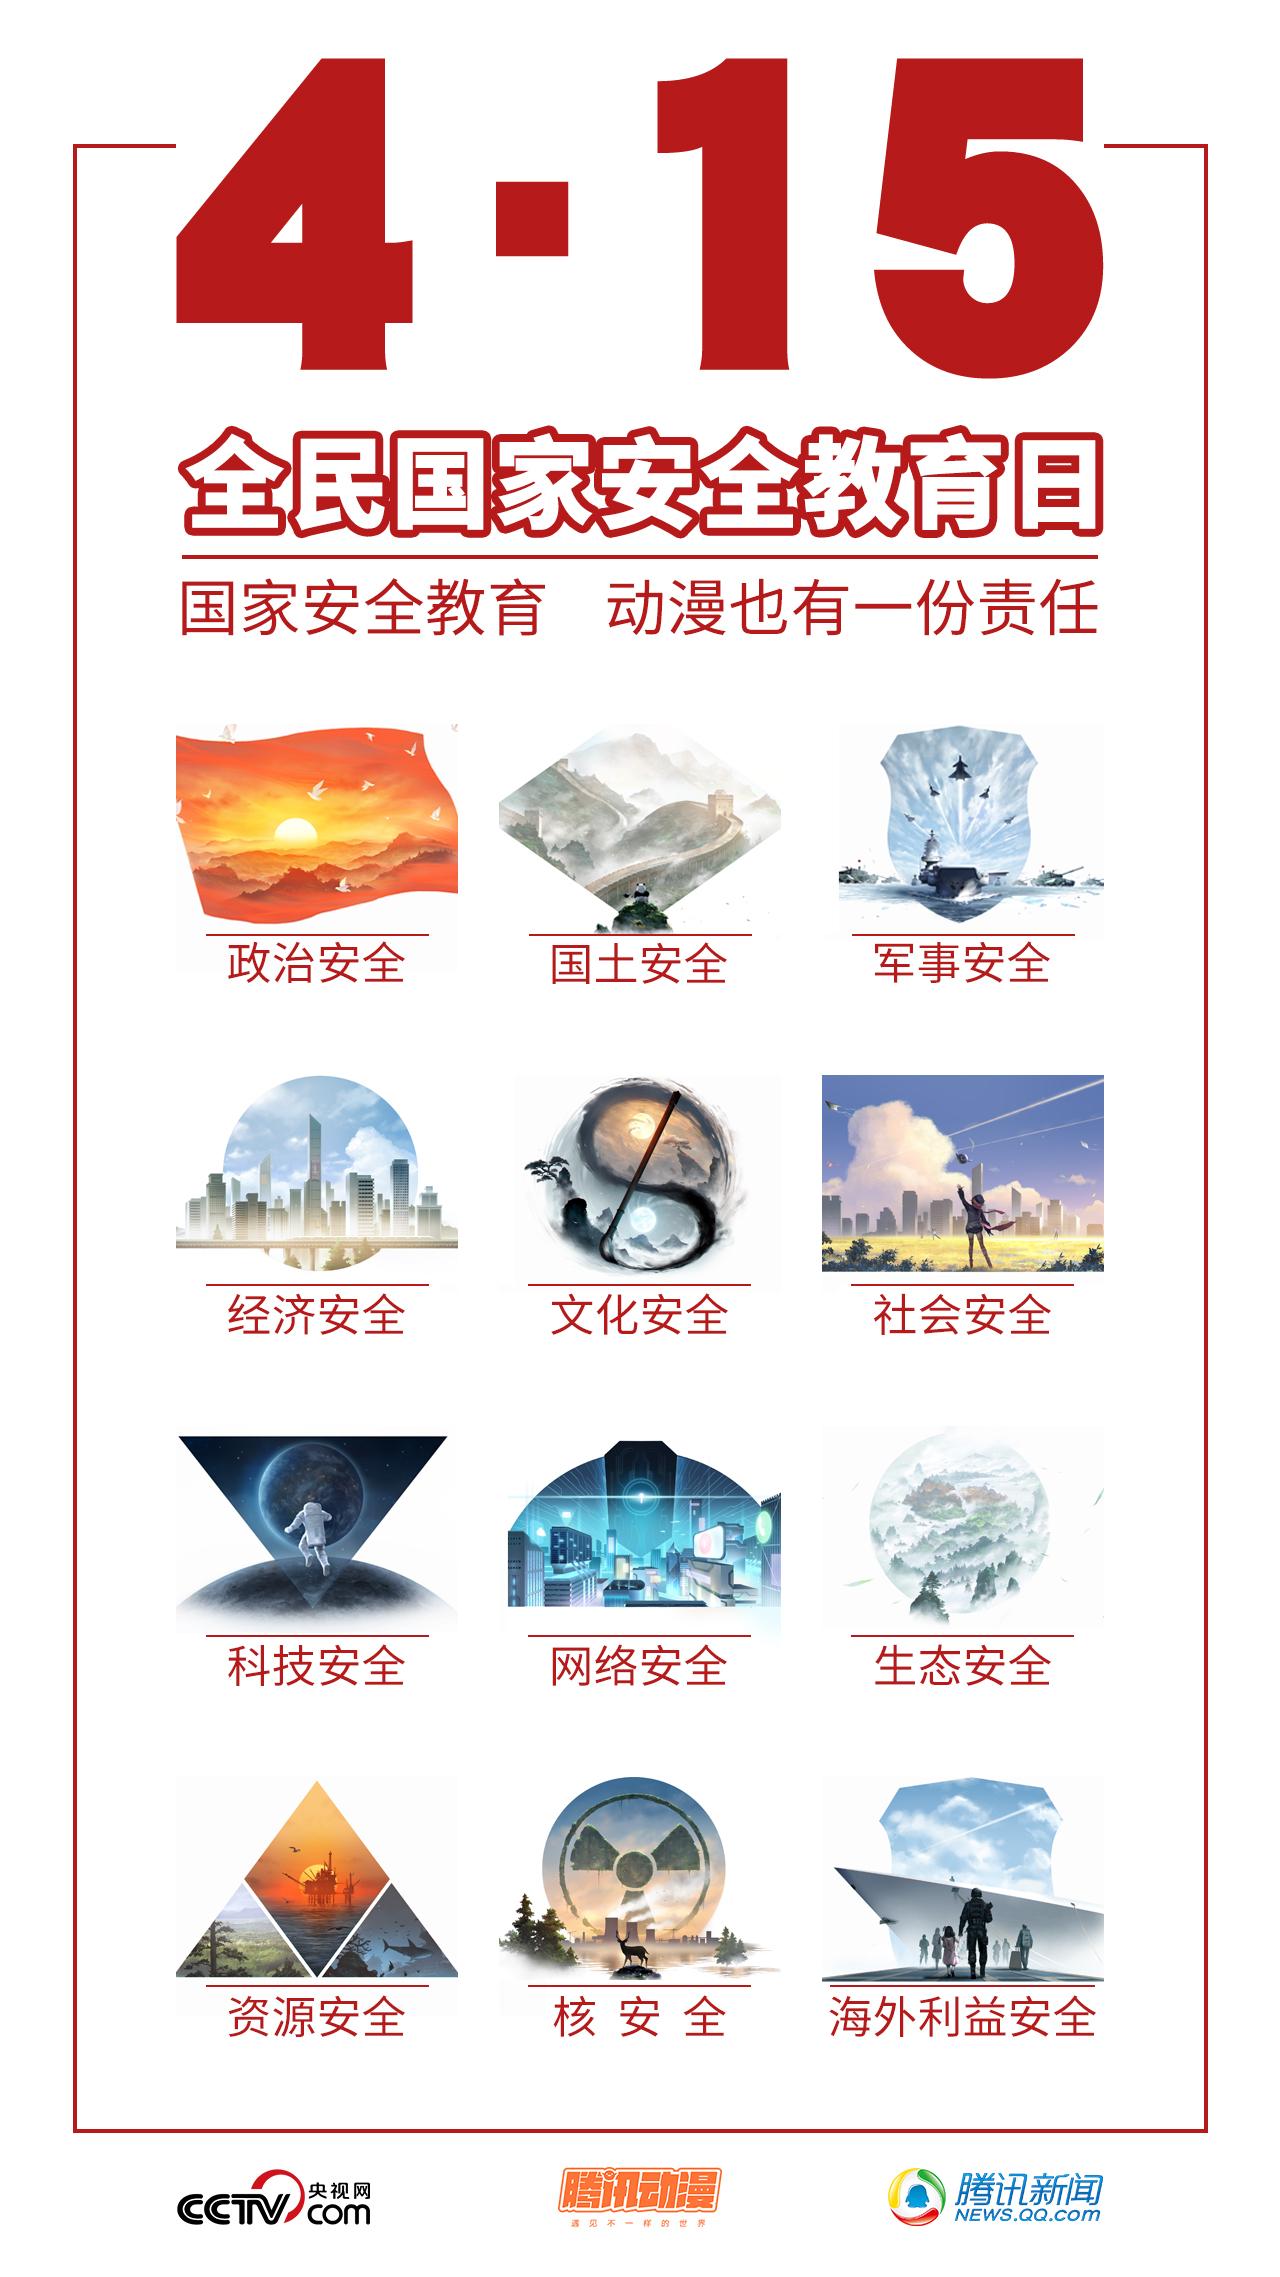 动漫遇见 国家安全教育 ,这12张海报很硬核